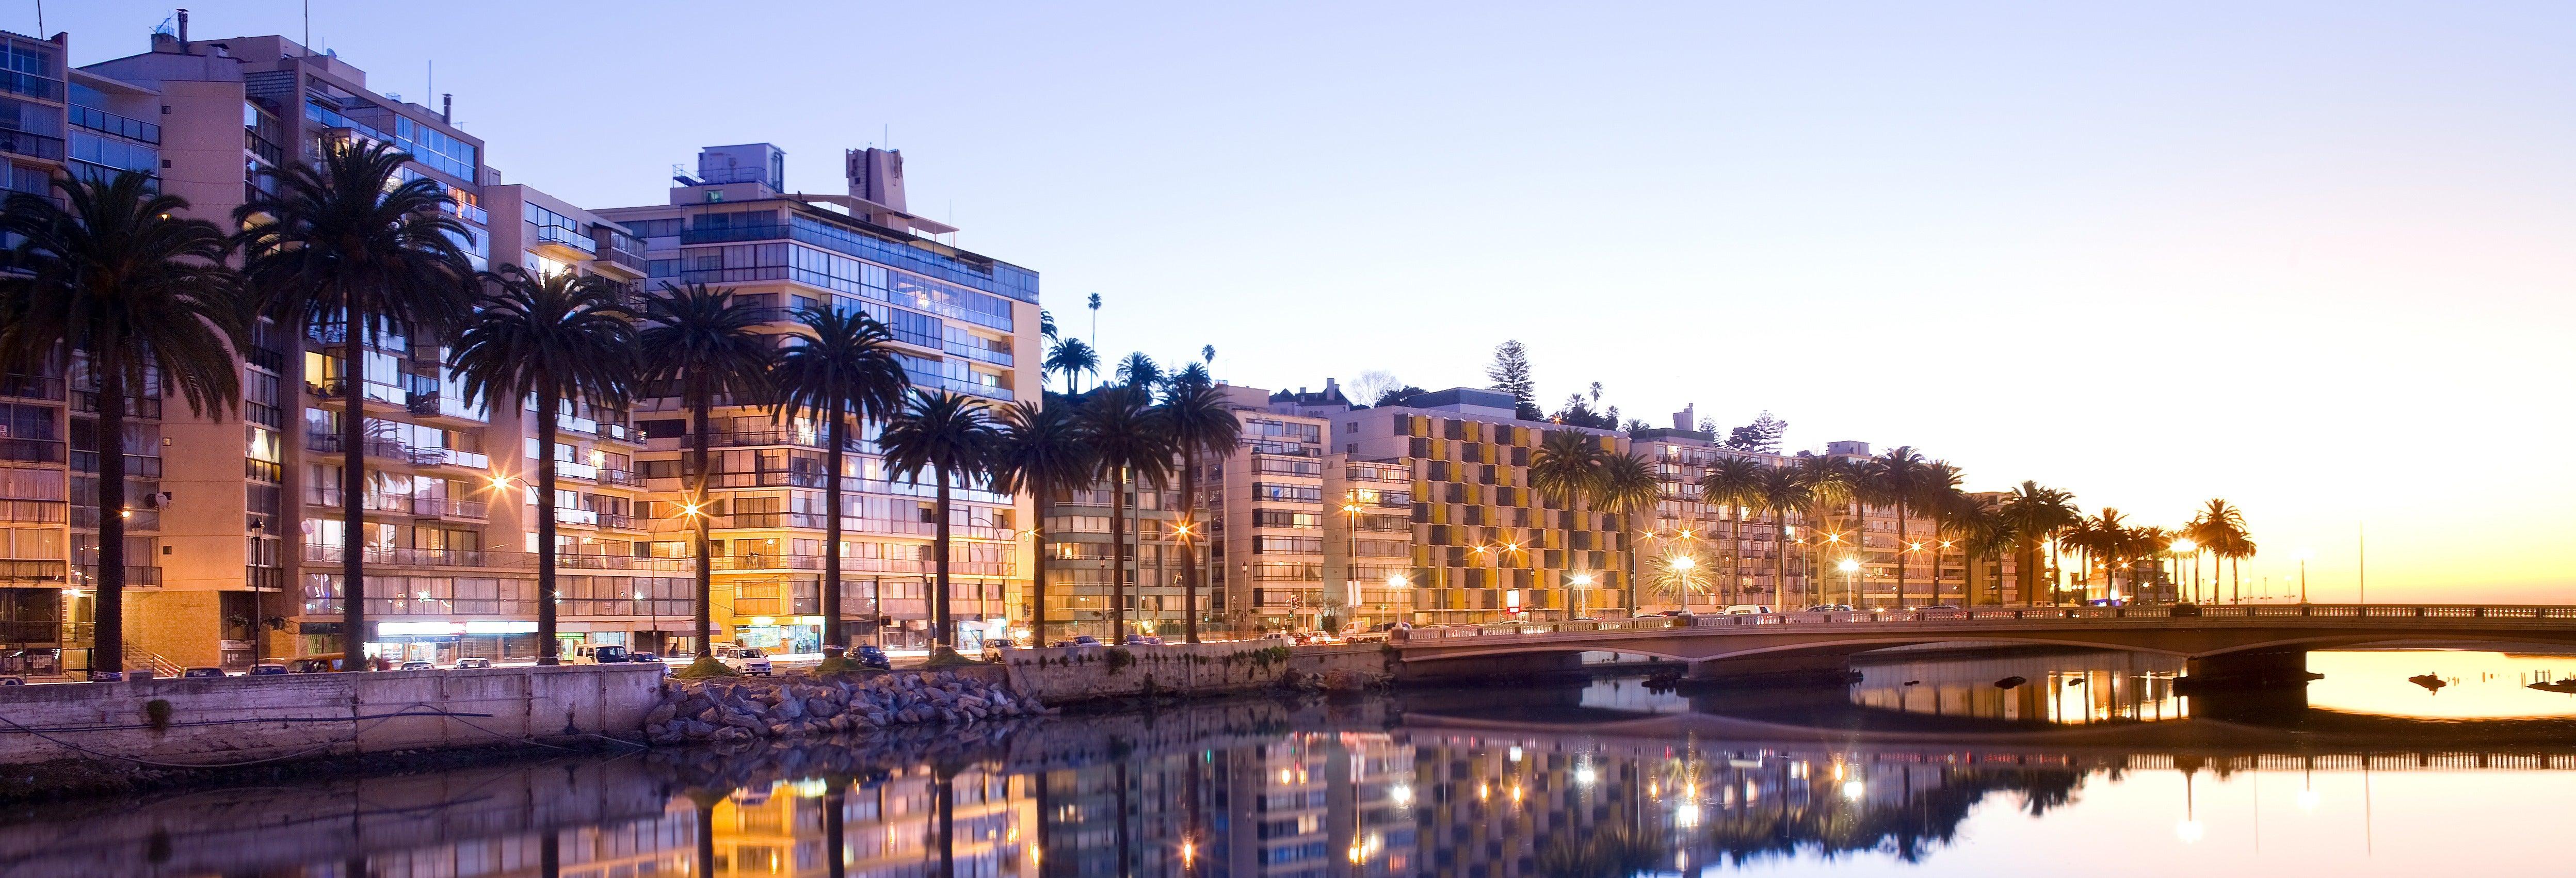 Tour nocturno por Valparaíso y Viña del Mar